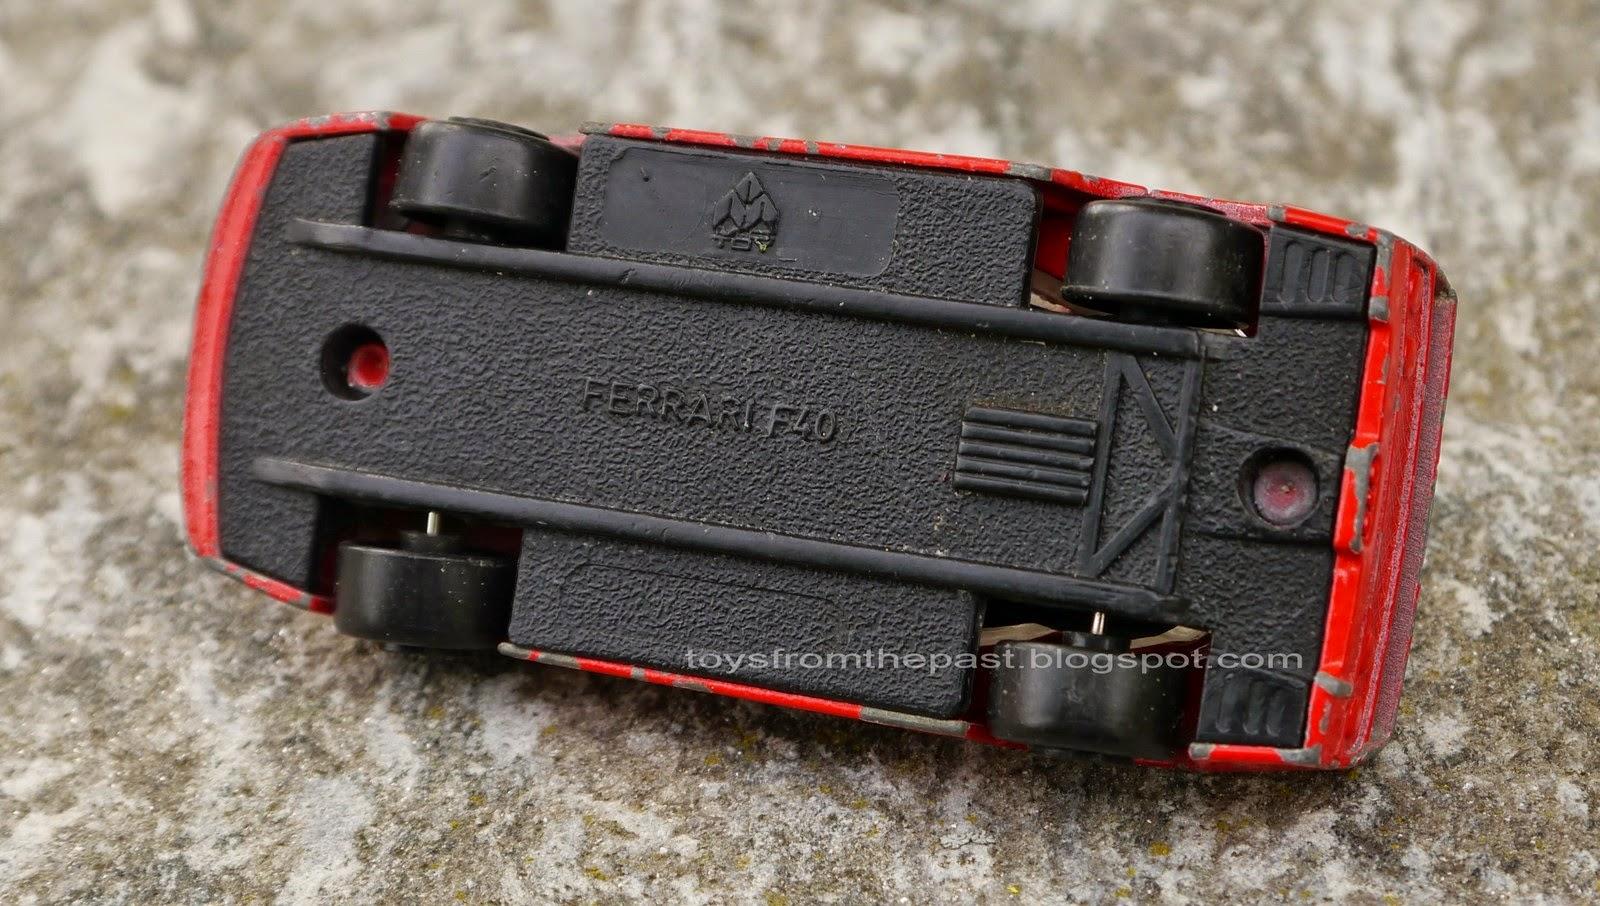 Maistotech   Volt Rc Car Battery Cartridge